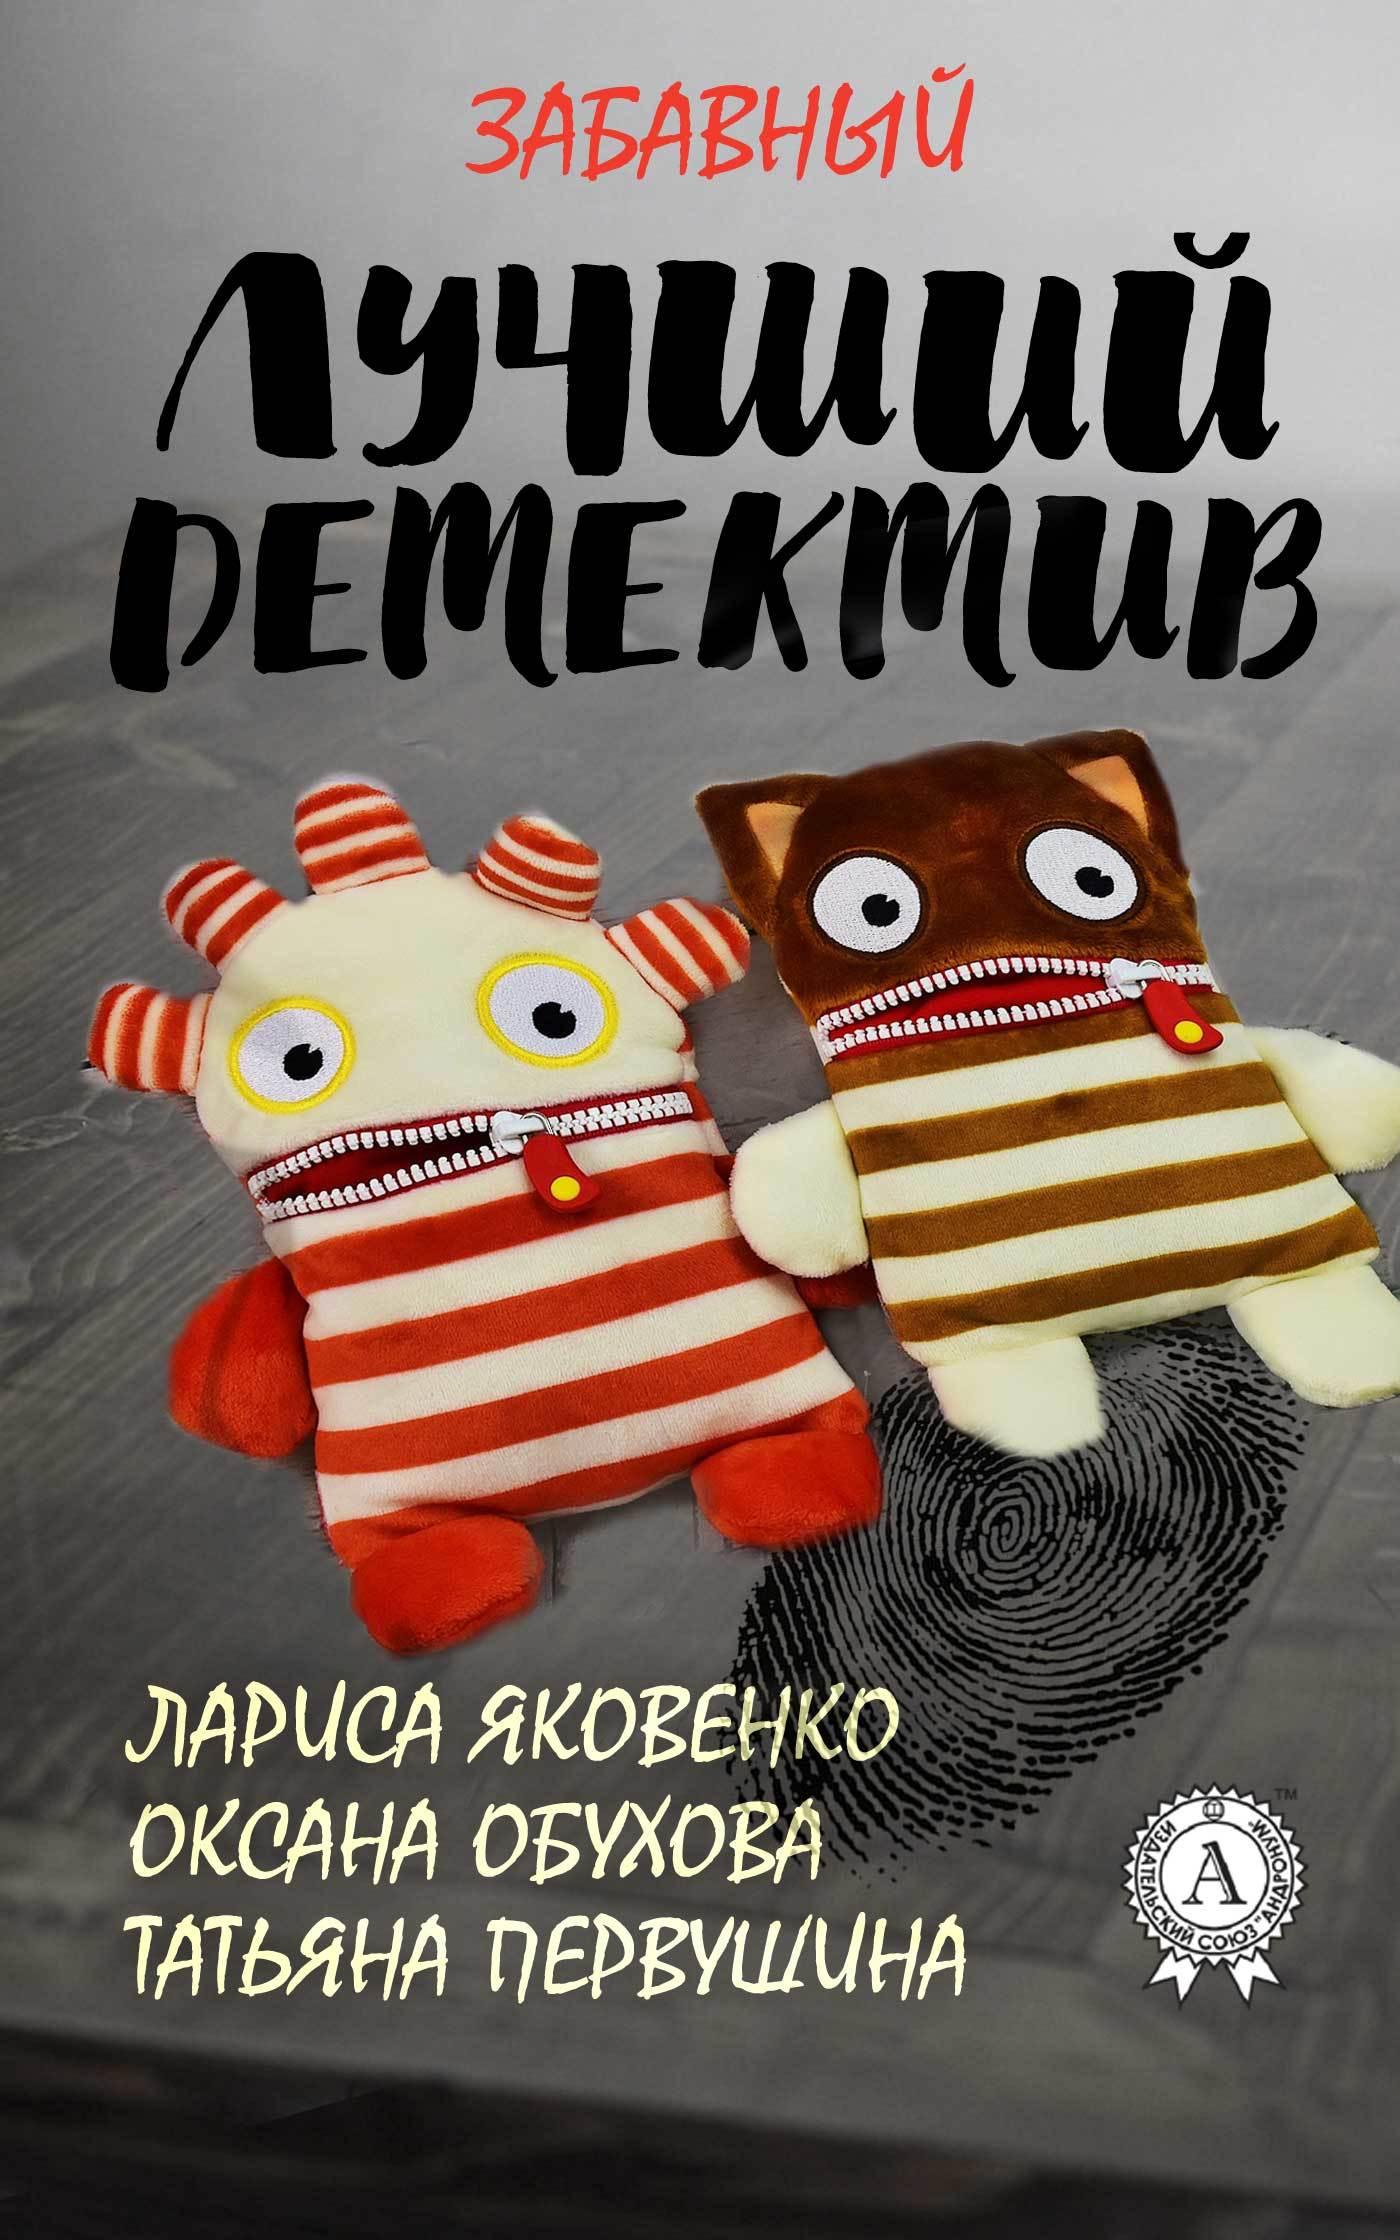 Оксана Обухова Лучший забавный детектив оксана самыгина белоснежный нарцисс стихи